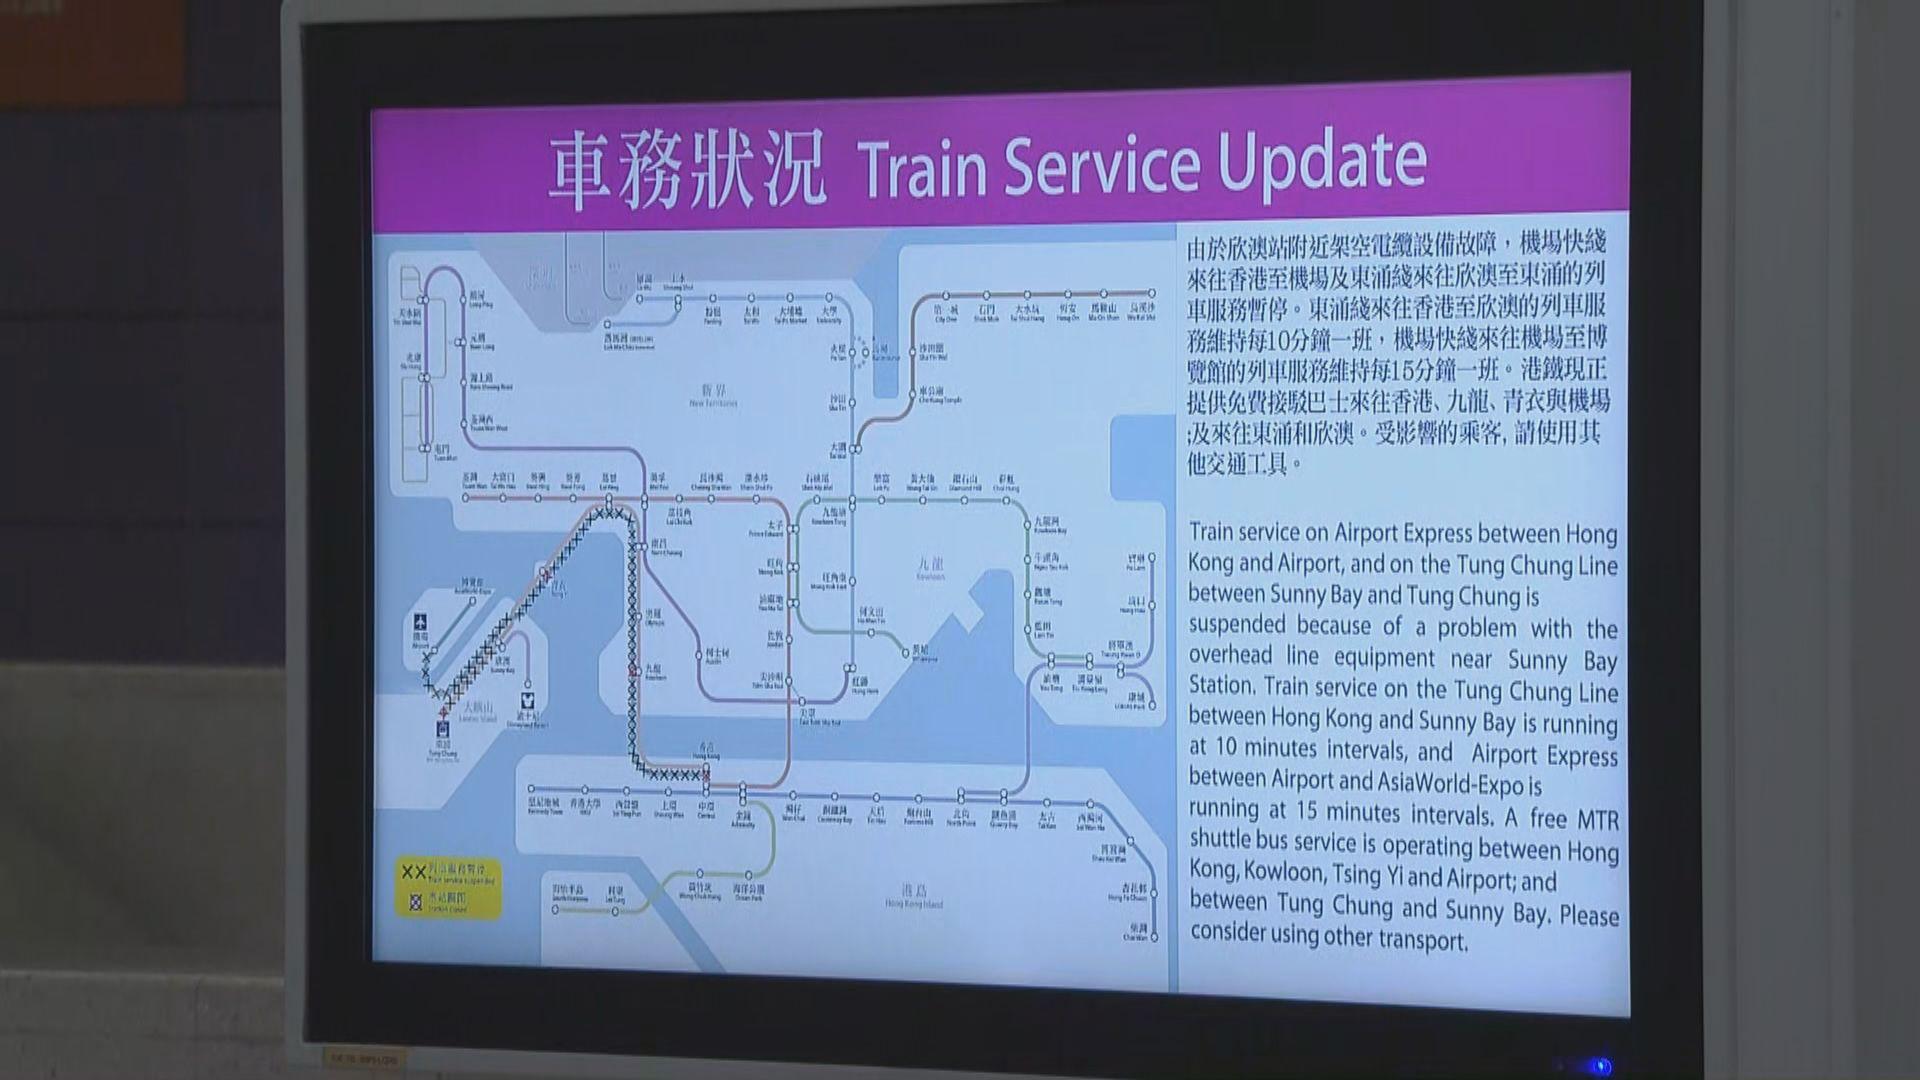 東涌一度無鐵路服務 巴士線大排長龍